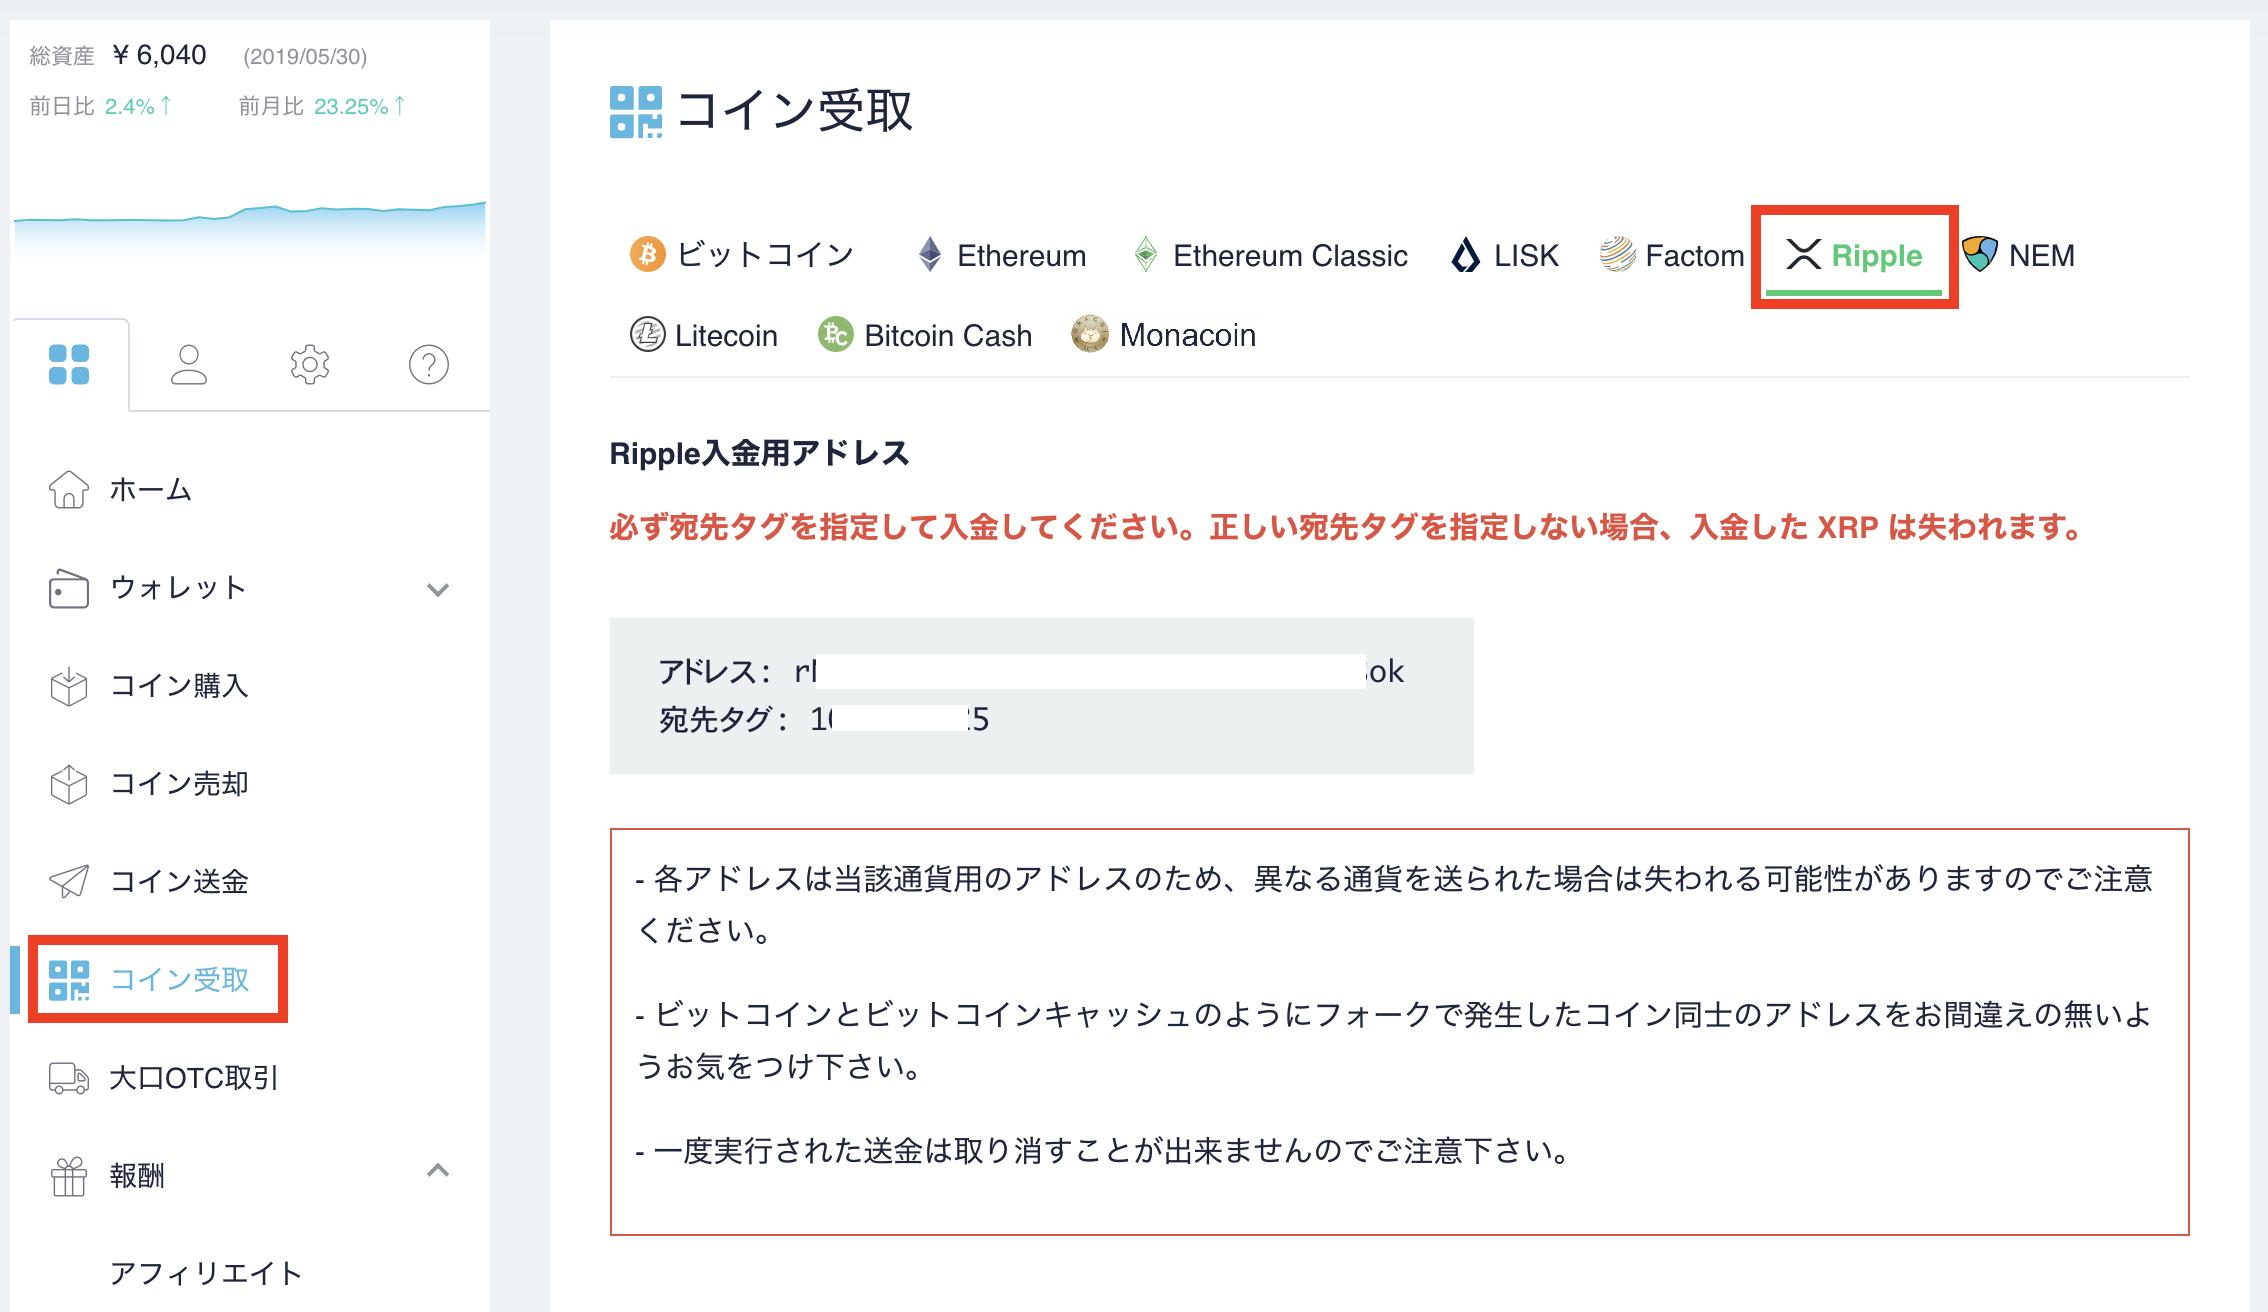 XRPアドレス表示画面